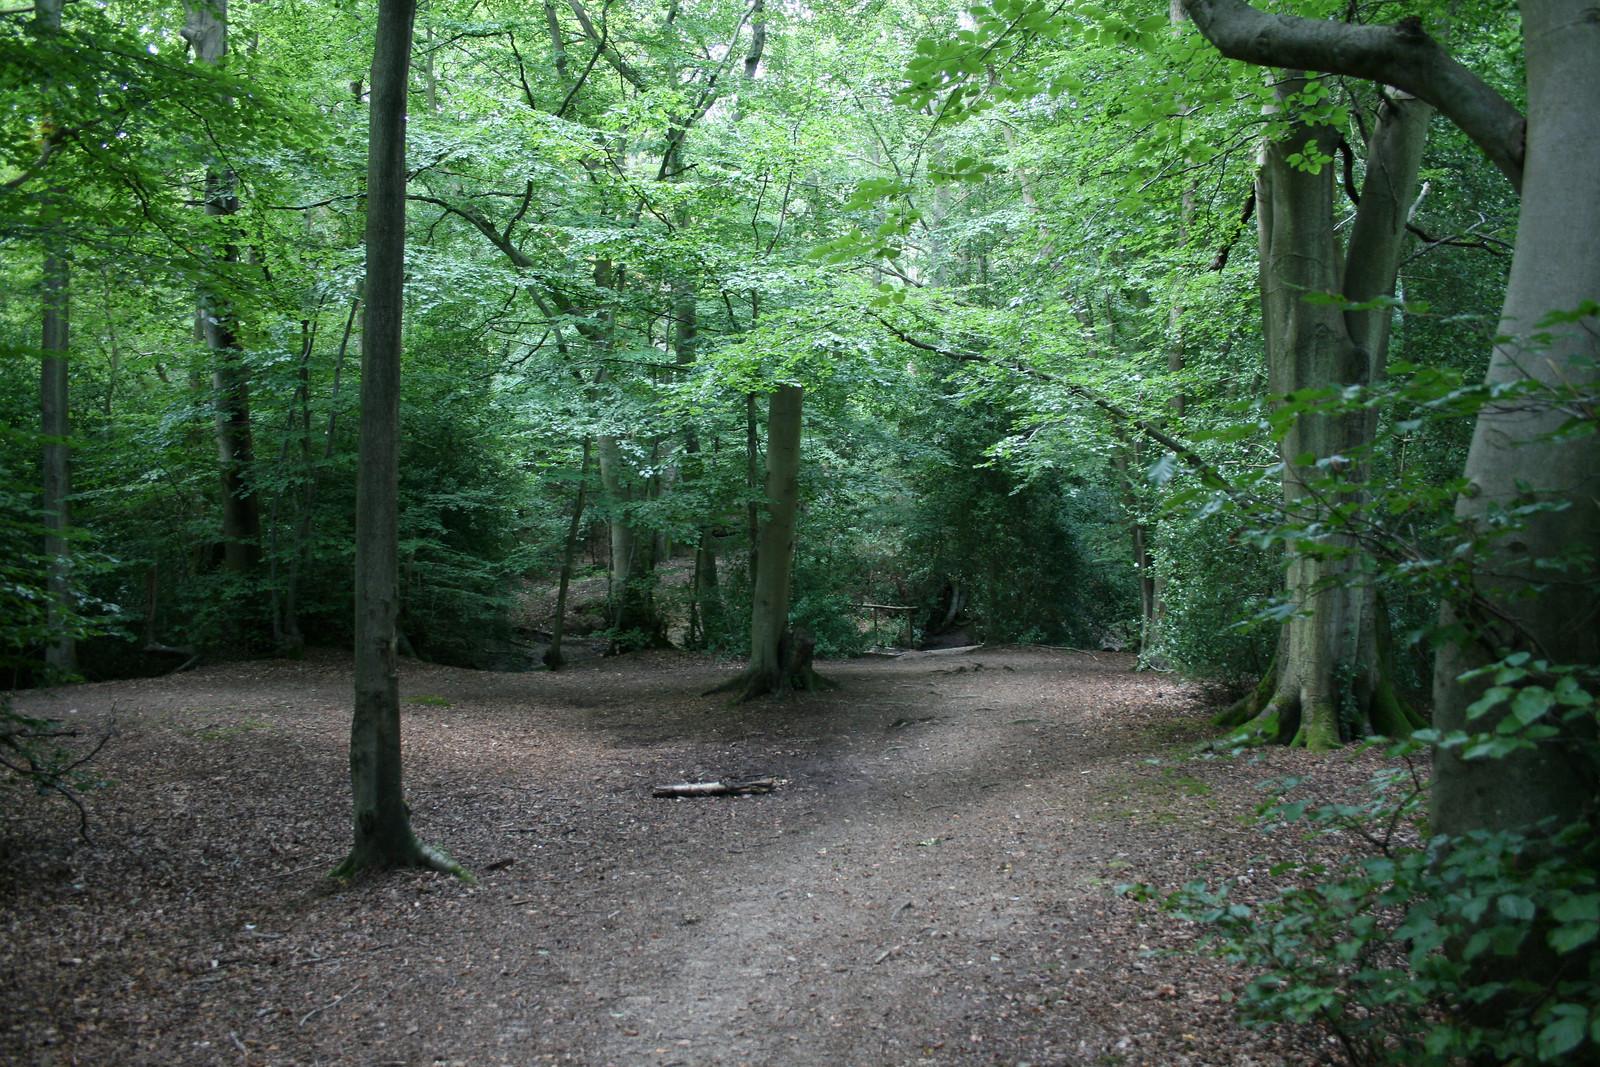 Frillinghurst Wood